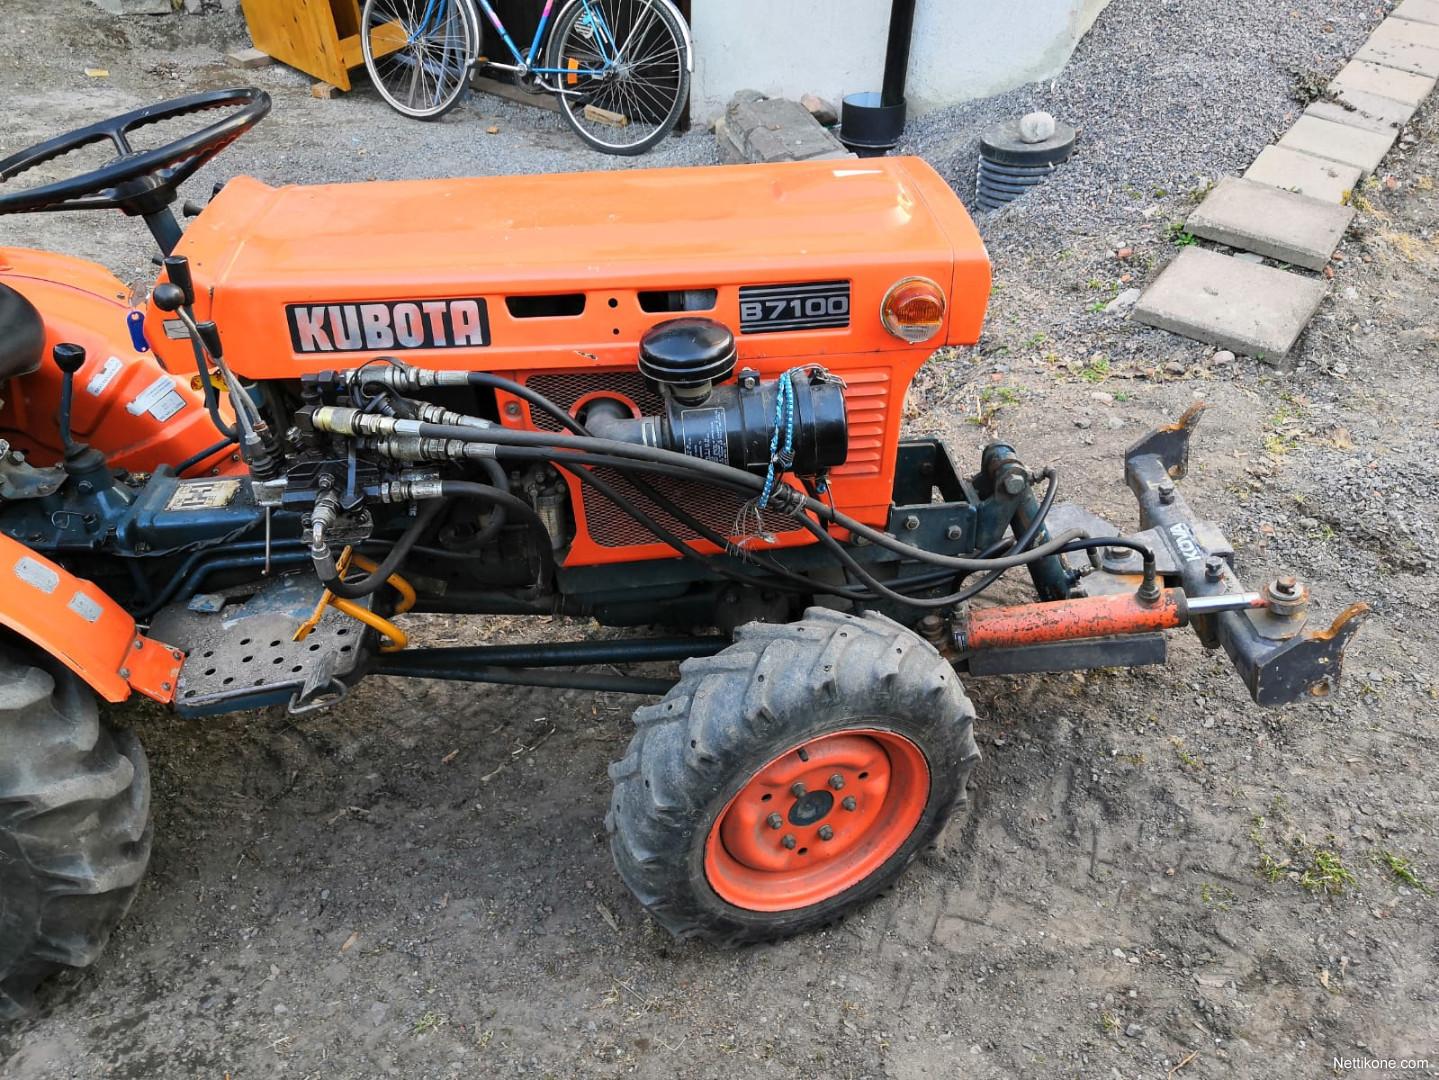 Kubota B7100 tractors - Nettikone